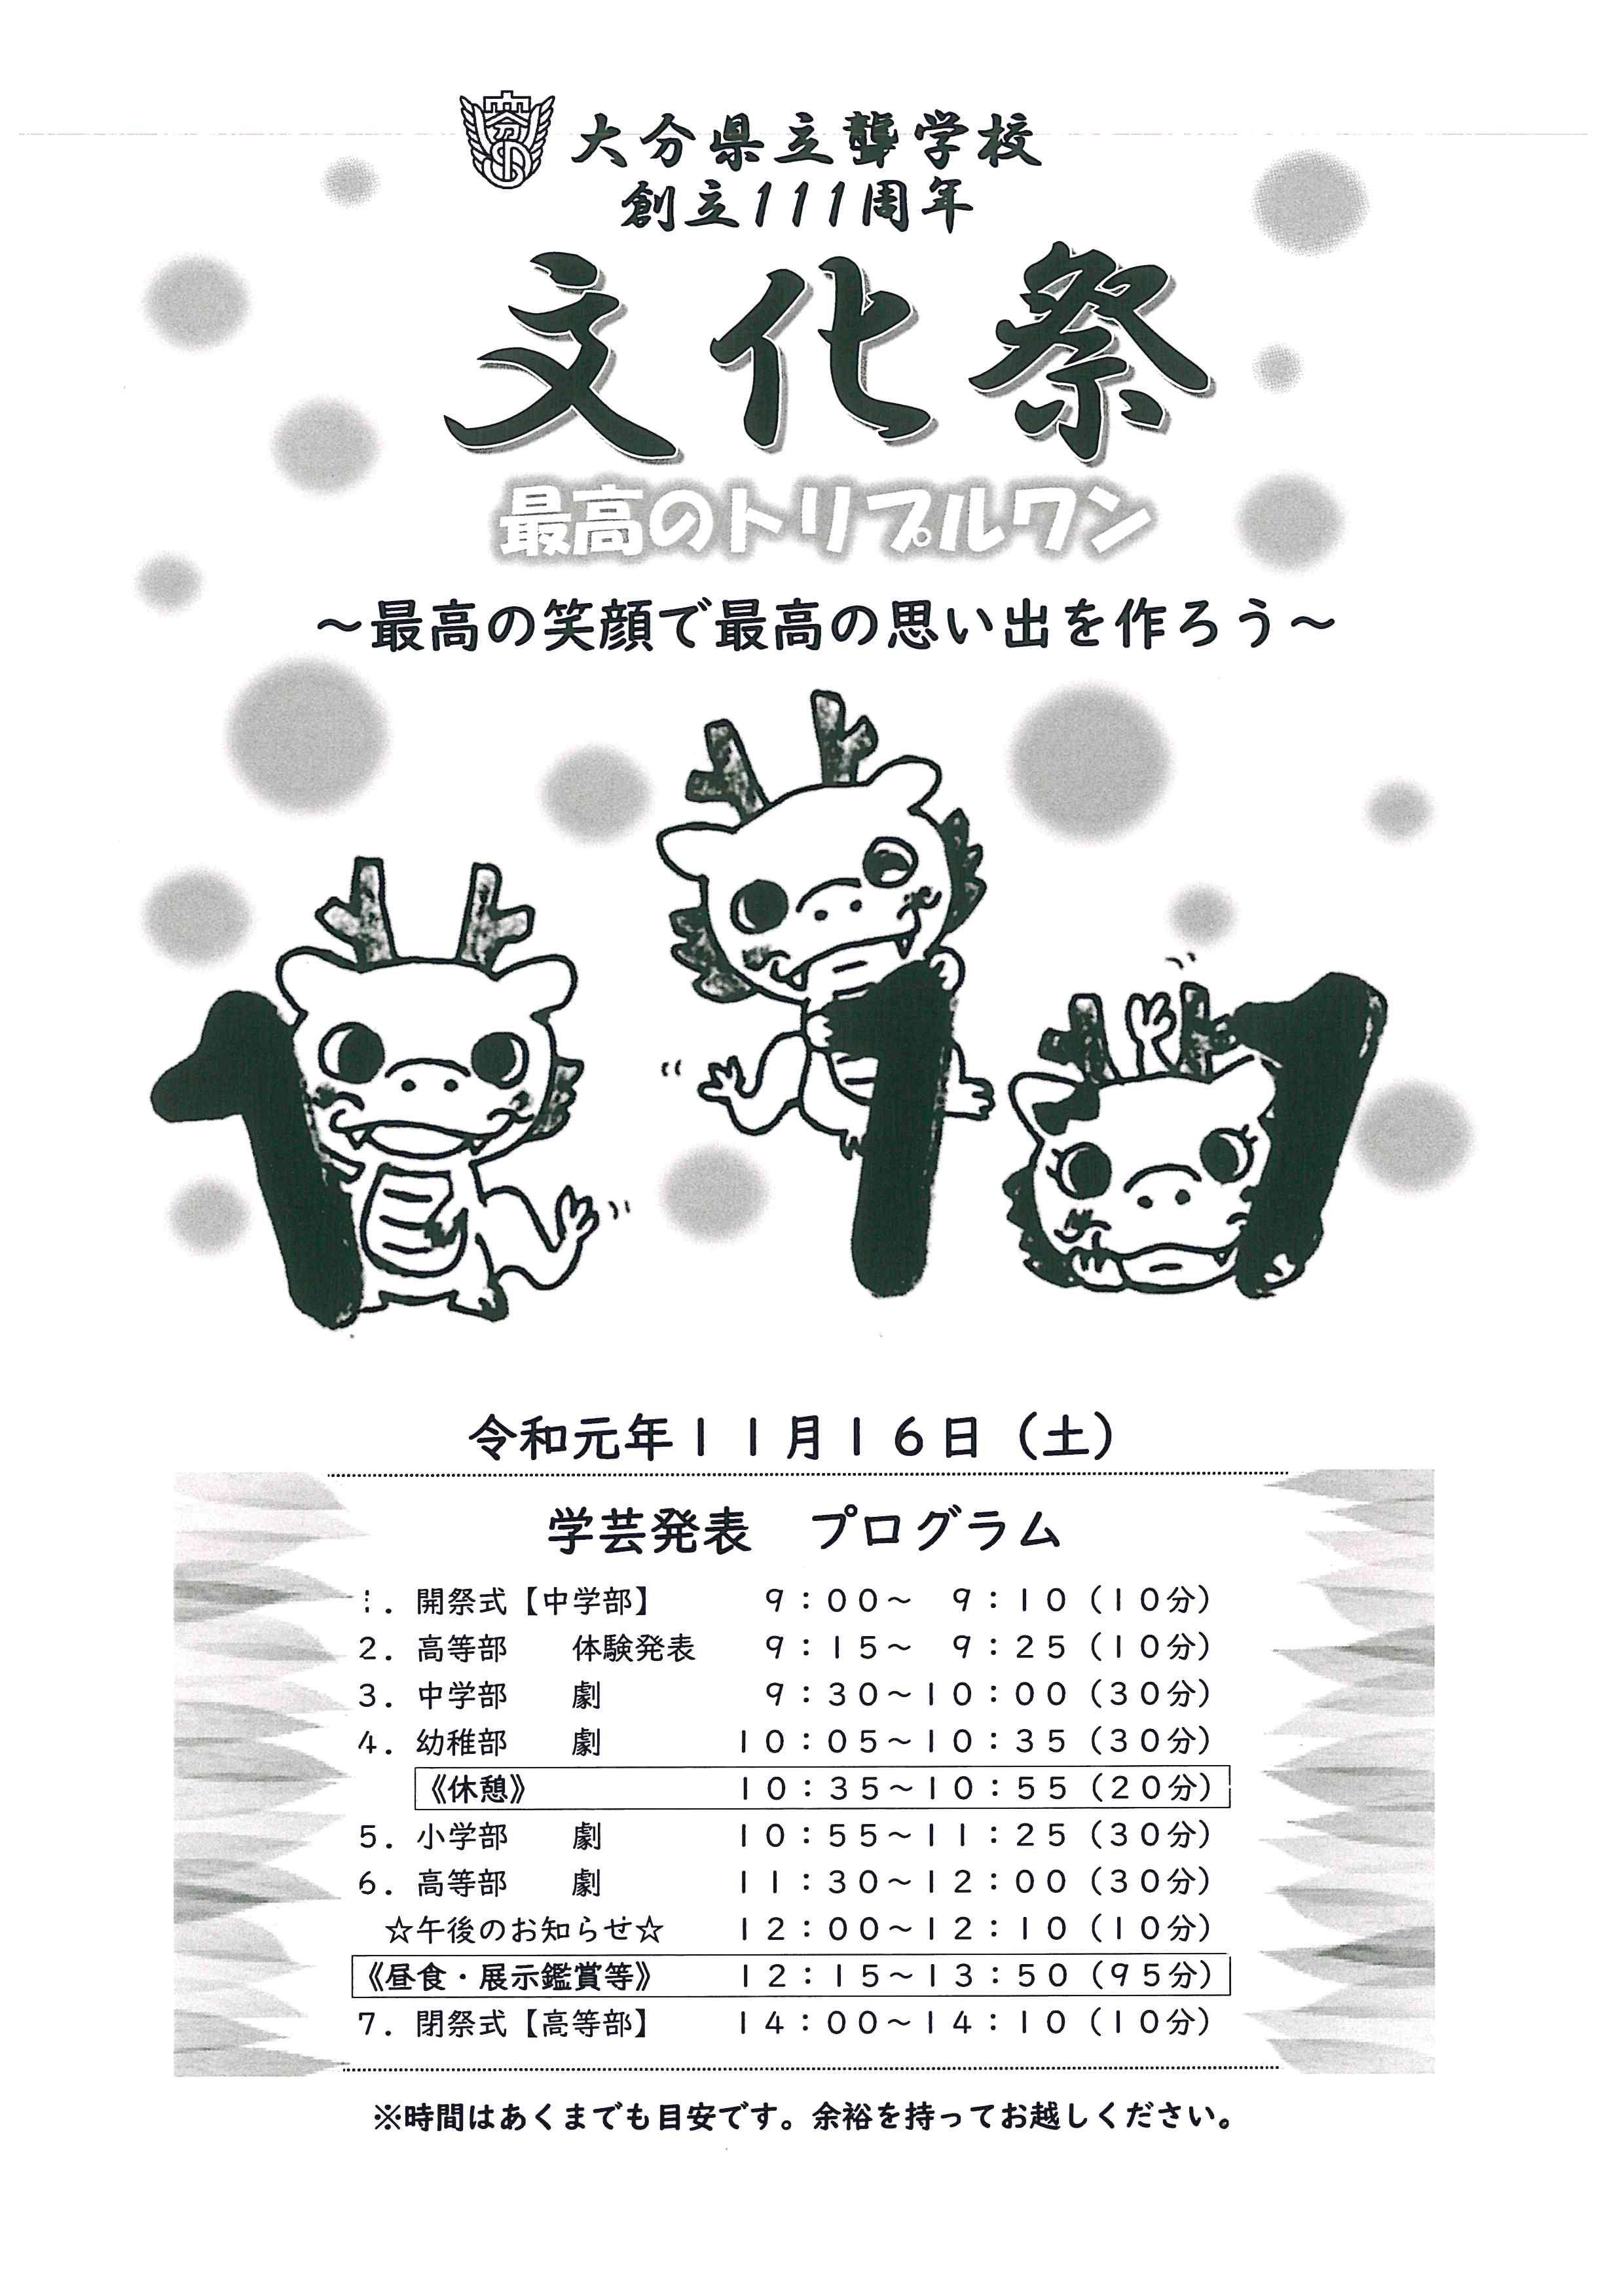 大分県立聾学校創立111周年 文化祭_d0070316_20233433.jpg